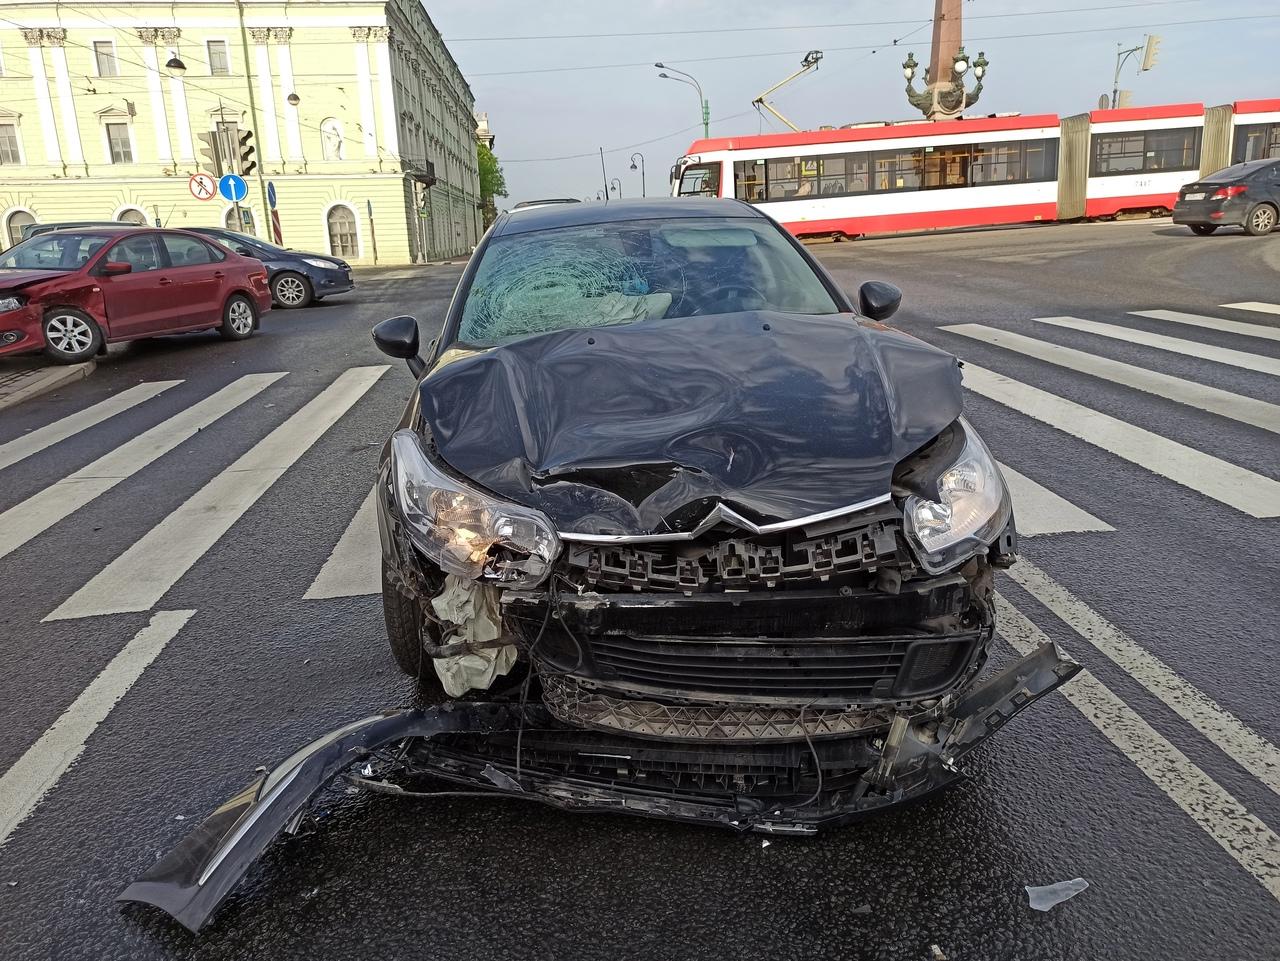 Авария у Троицкого моста между Ситроеном и Фольксвагеном.